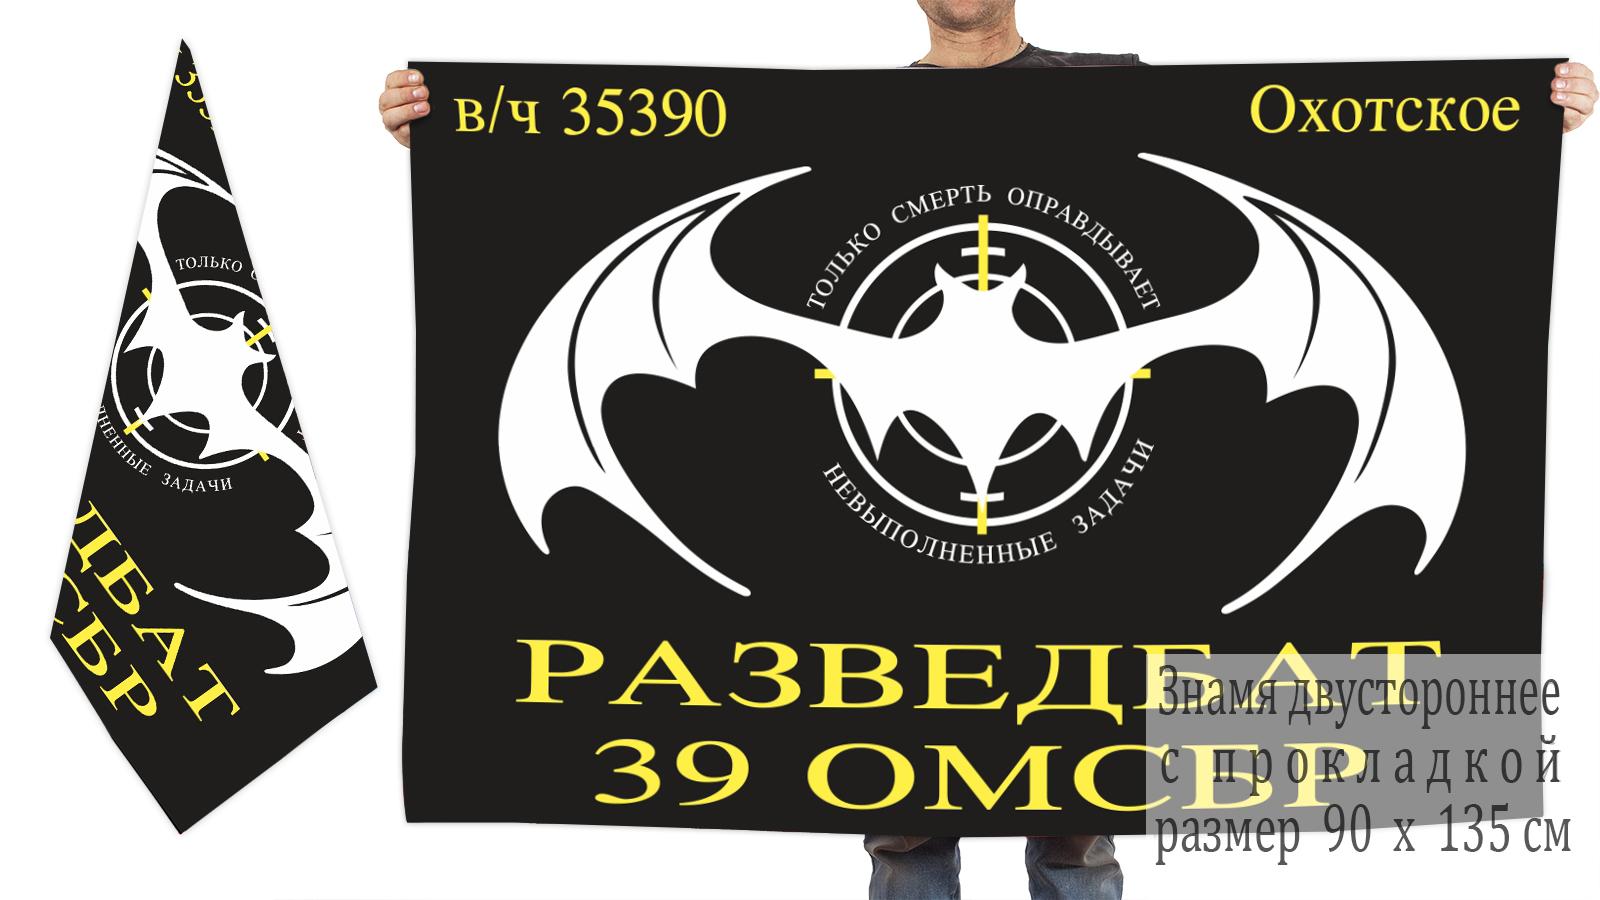 Двусторонний флаг Разведбата 39 ОМСБр